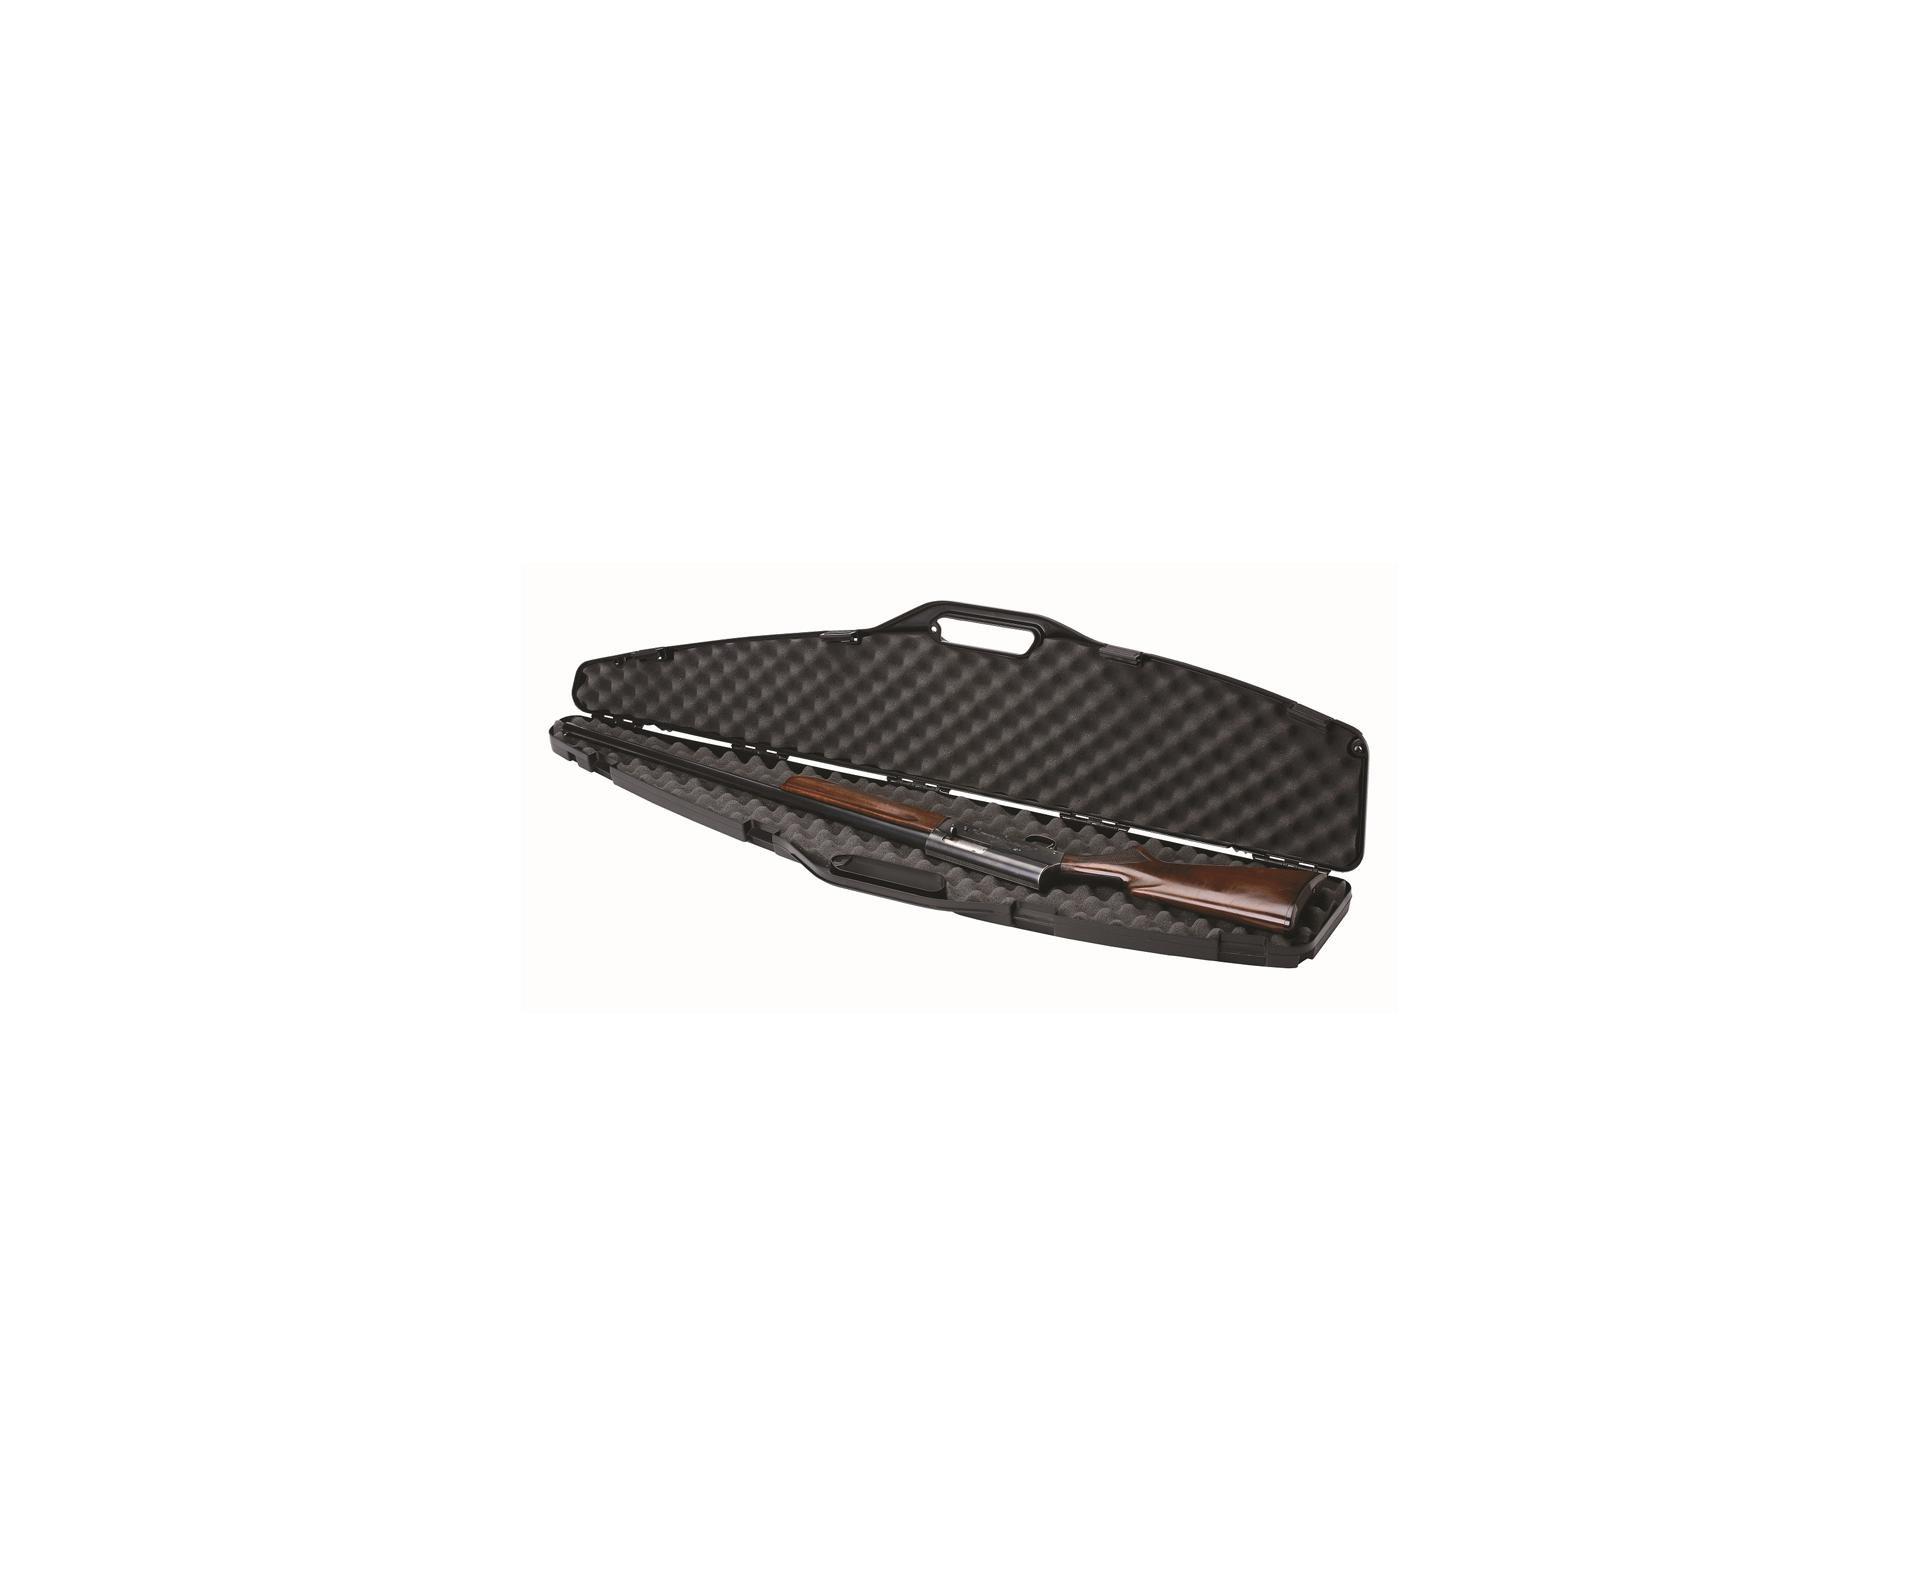 Caixa (case) Para Armas Longas - Gun Guard 10-10489 - Plano